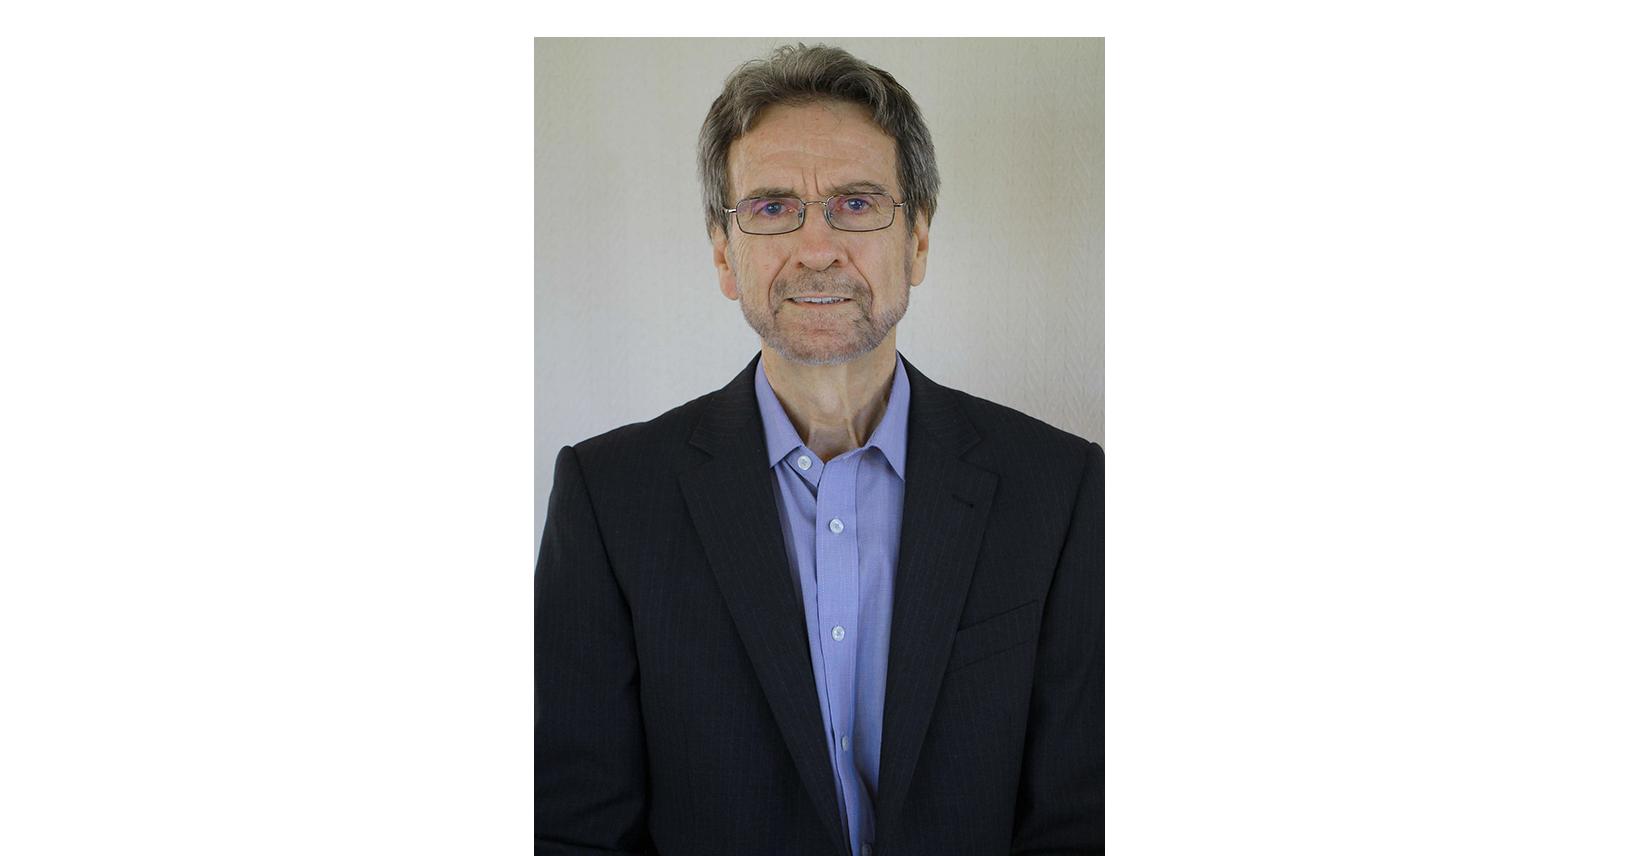 Gordon Emmerson NLP Masters